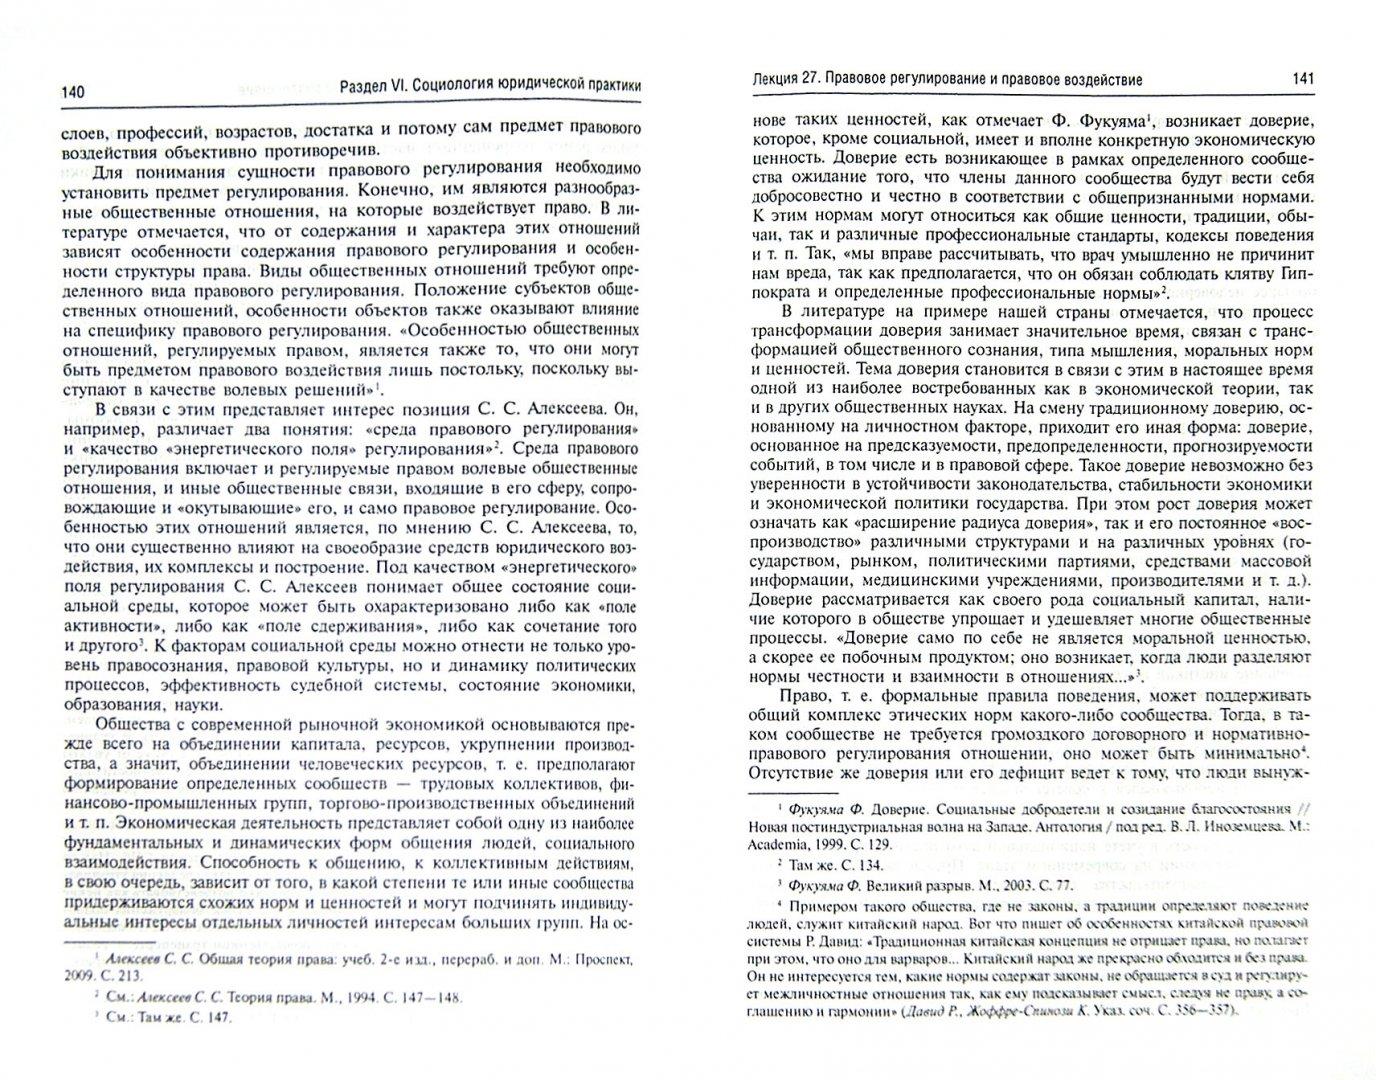 Иллюстрация 1 из 5 для Социология права. Курс лекций. Том 2 - Марченко, Гузнов, Луков | Лабиринт - книги. Источник: Лабиринт